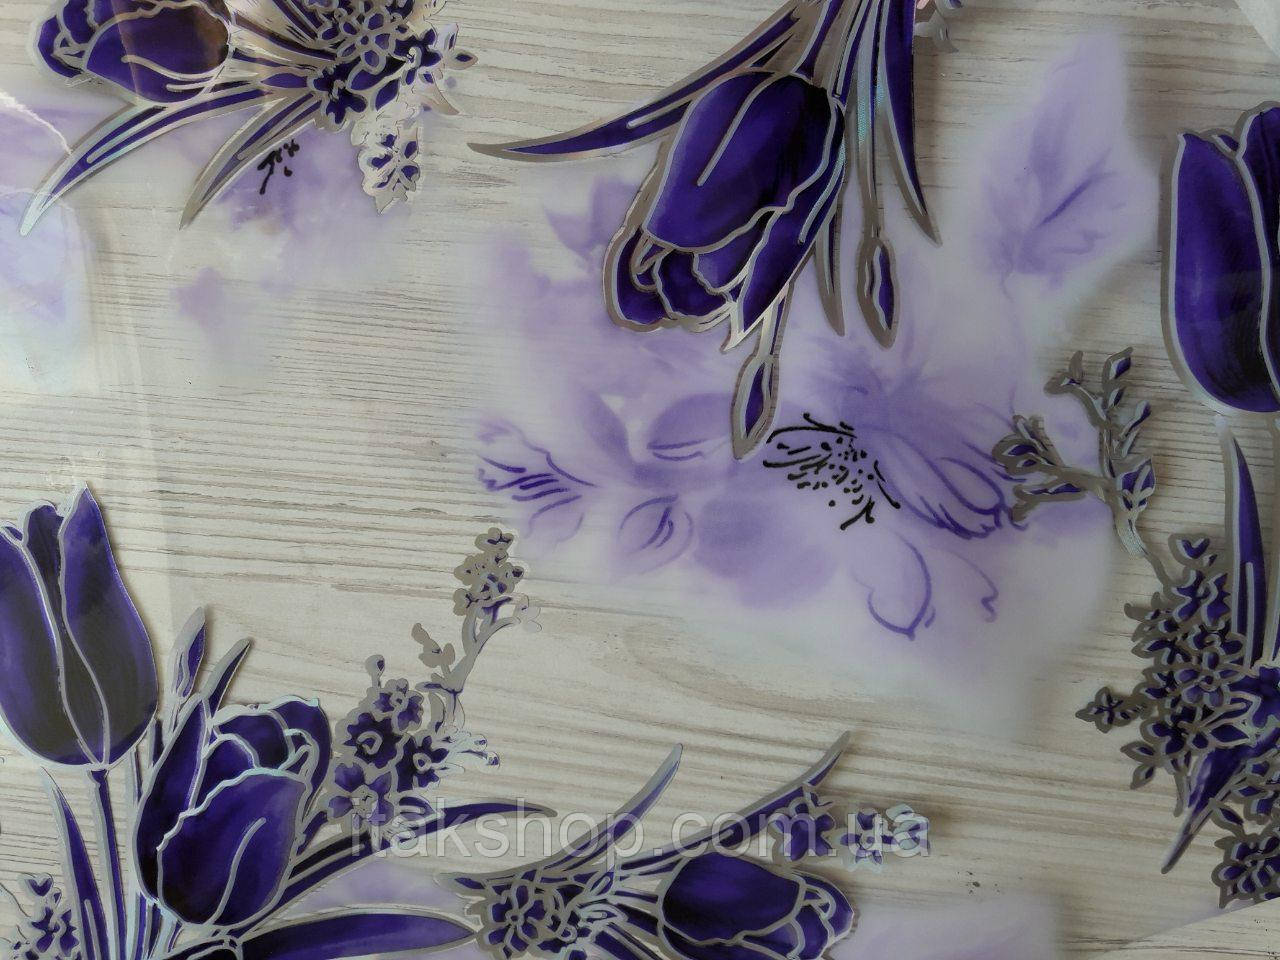 Мягкое стекло Скатерть с лазерным рисунком Soft Glass 1.4х0.8м толщина 1.5мм Фиолетовые тюльпаны